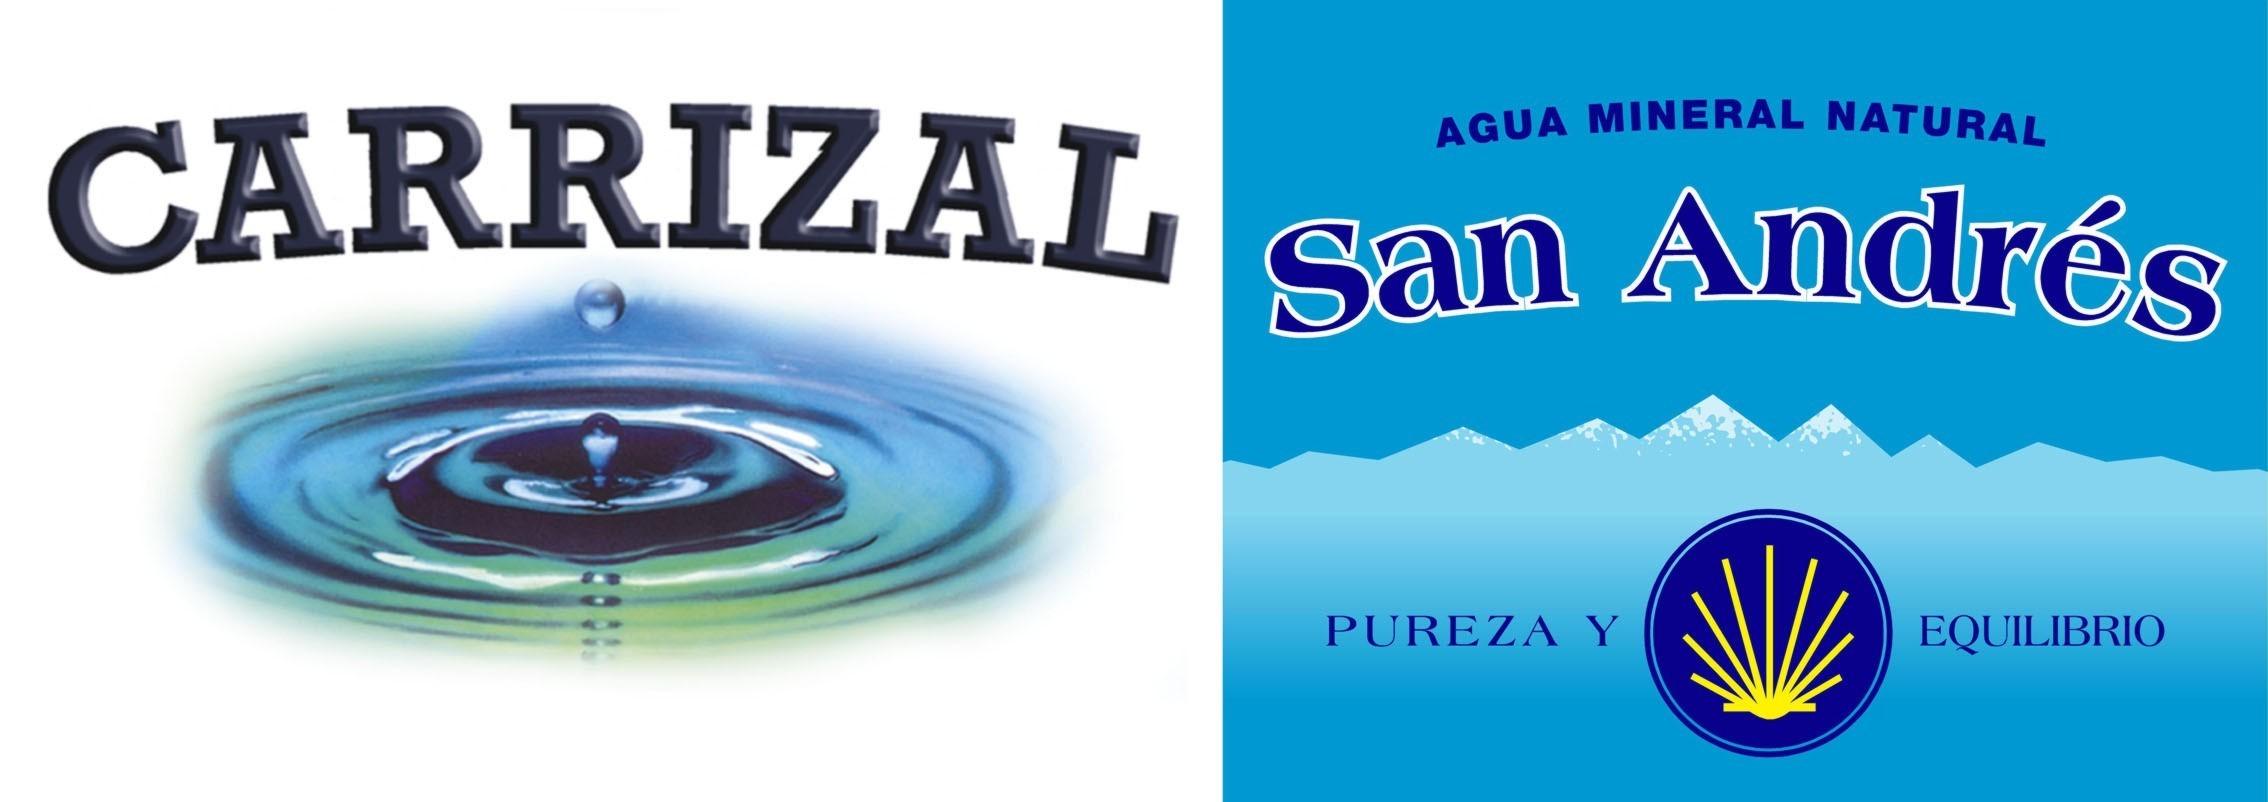 Aguas Carrizal